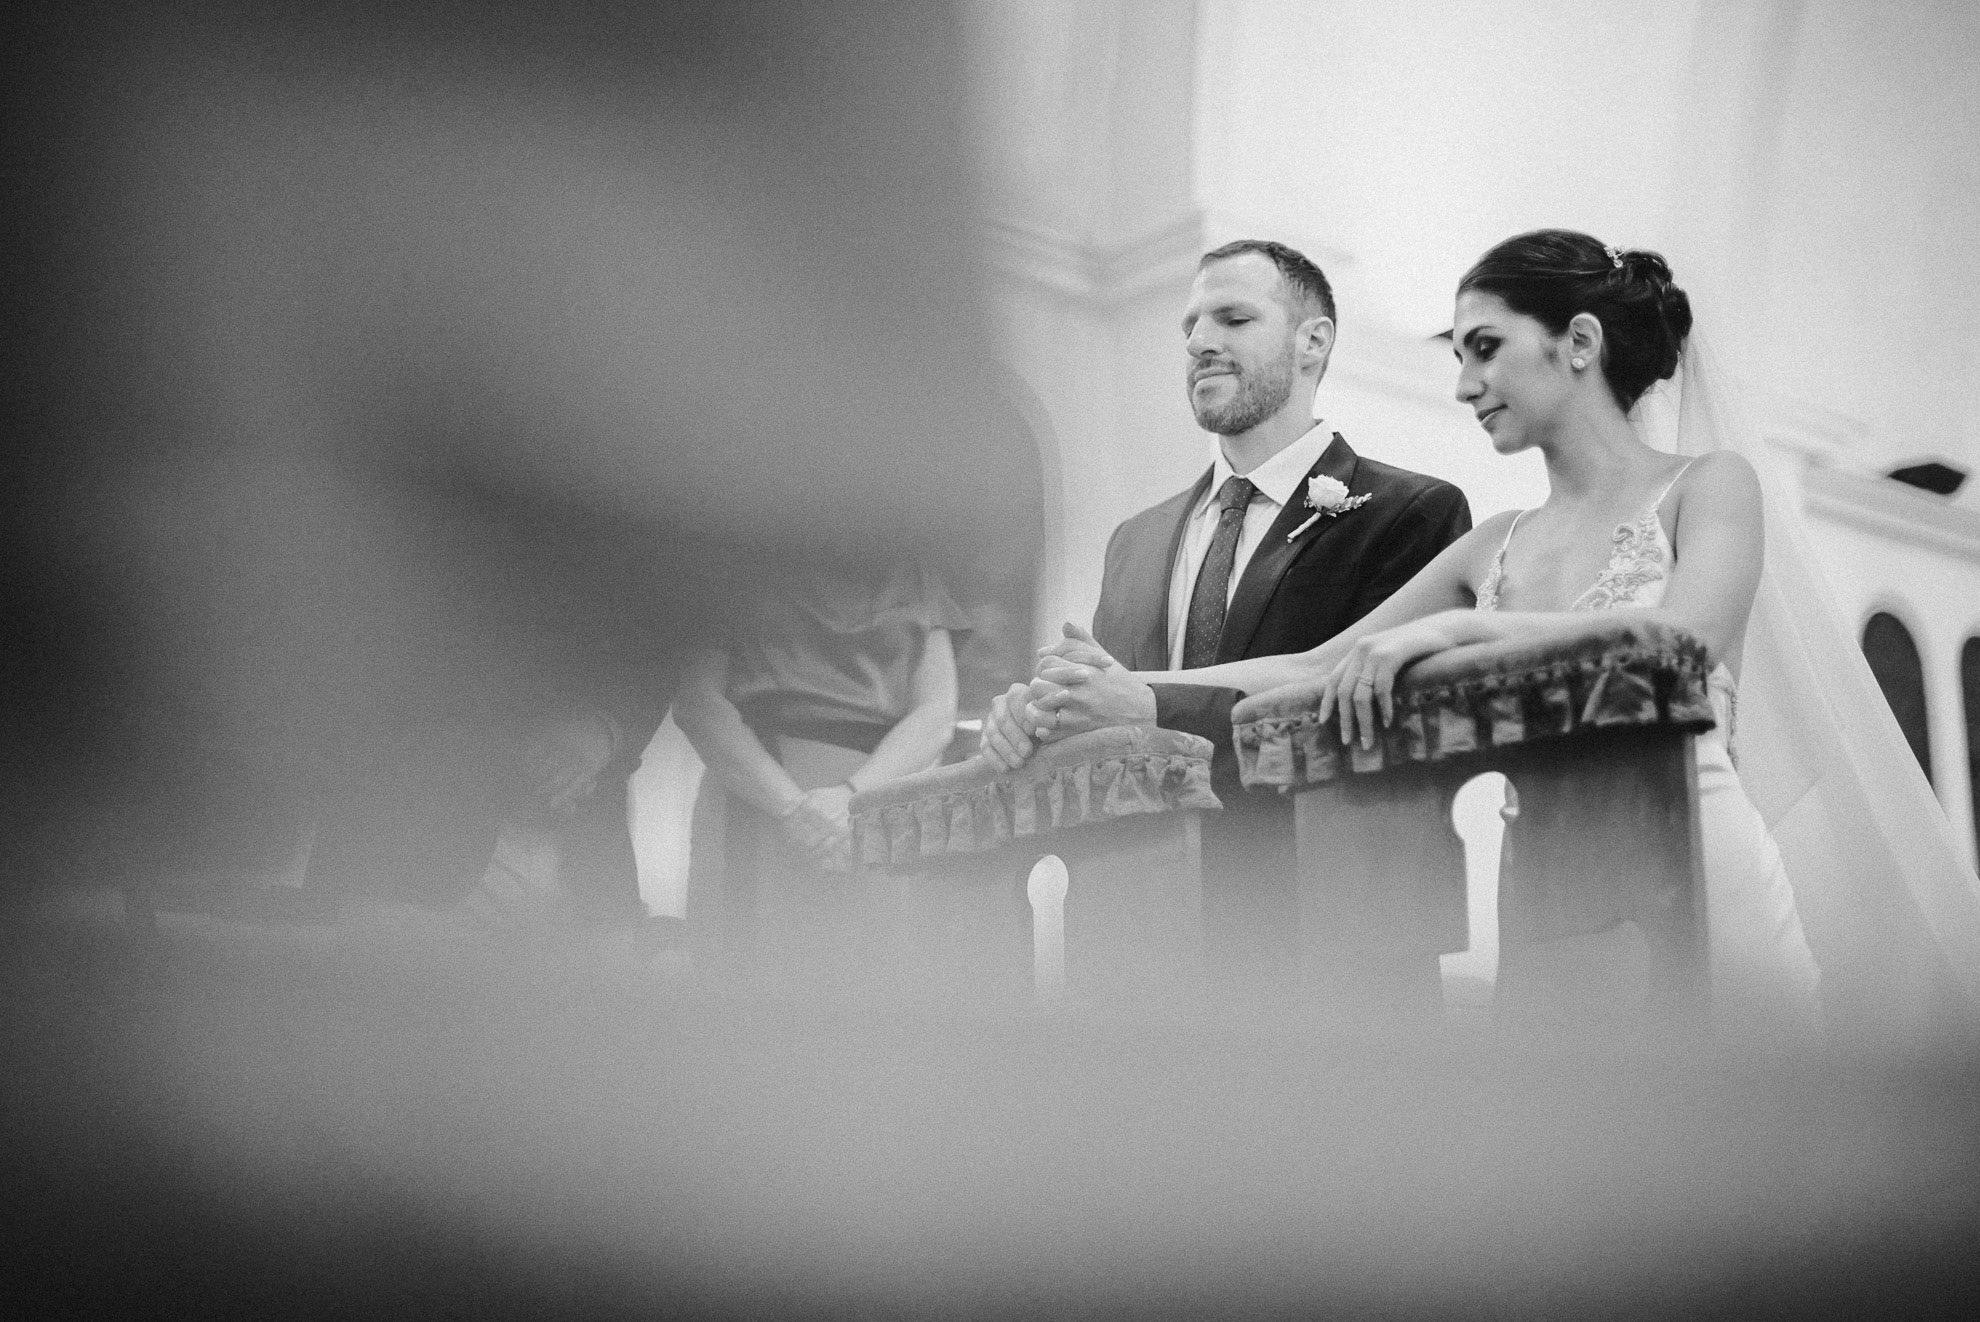 fotografo matrimonio_025.jpg